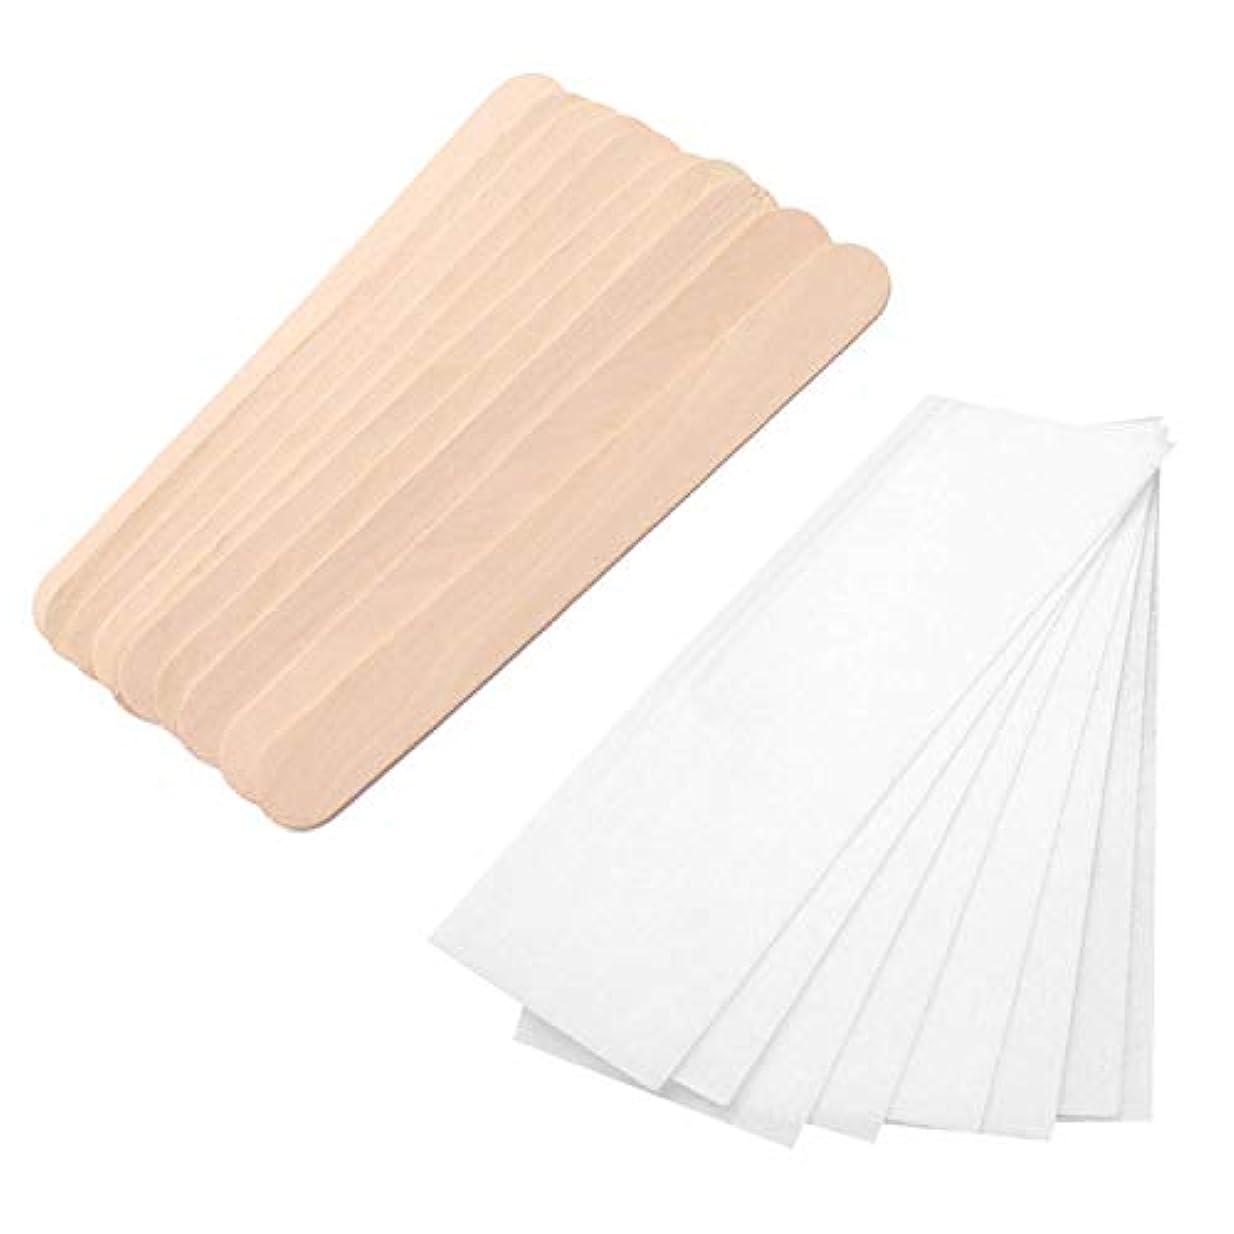 デッドロック幻想許可Migavann 100個木製ワックススティック 使い捨て木製ワックススティックへらアプリケーター 100個不織ワックスストリップ脱毛紙